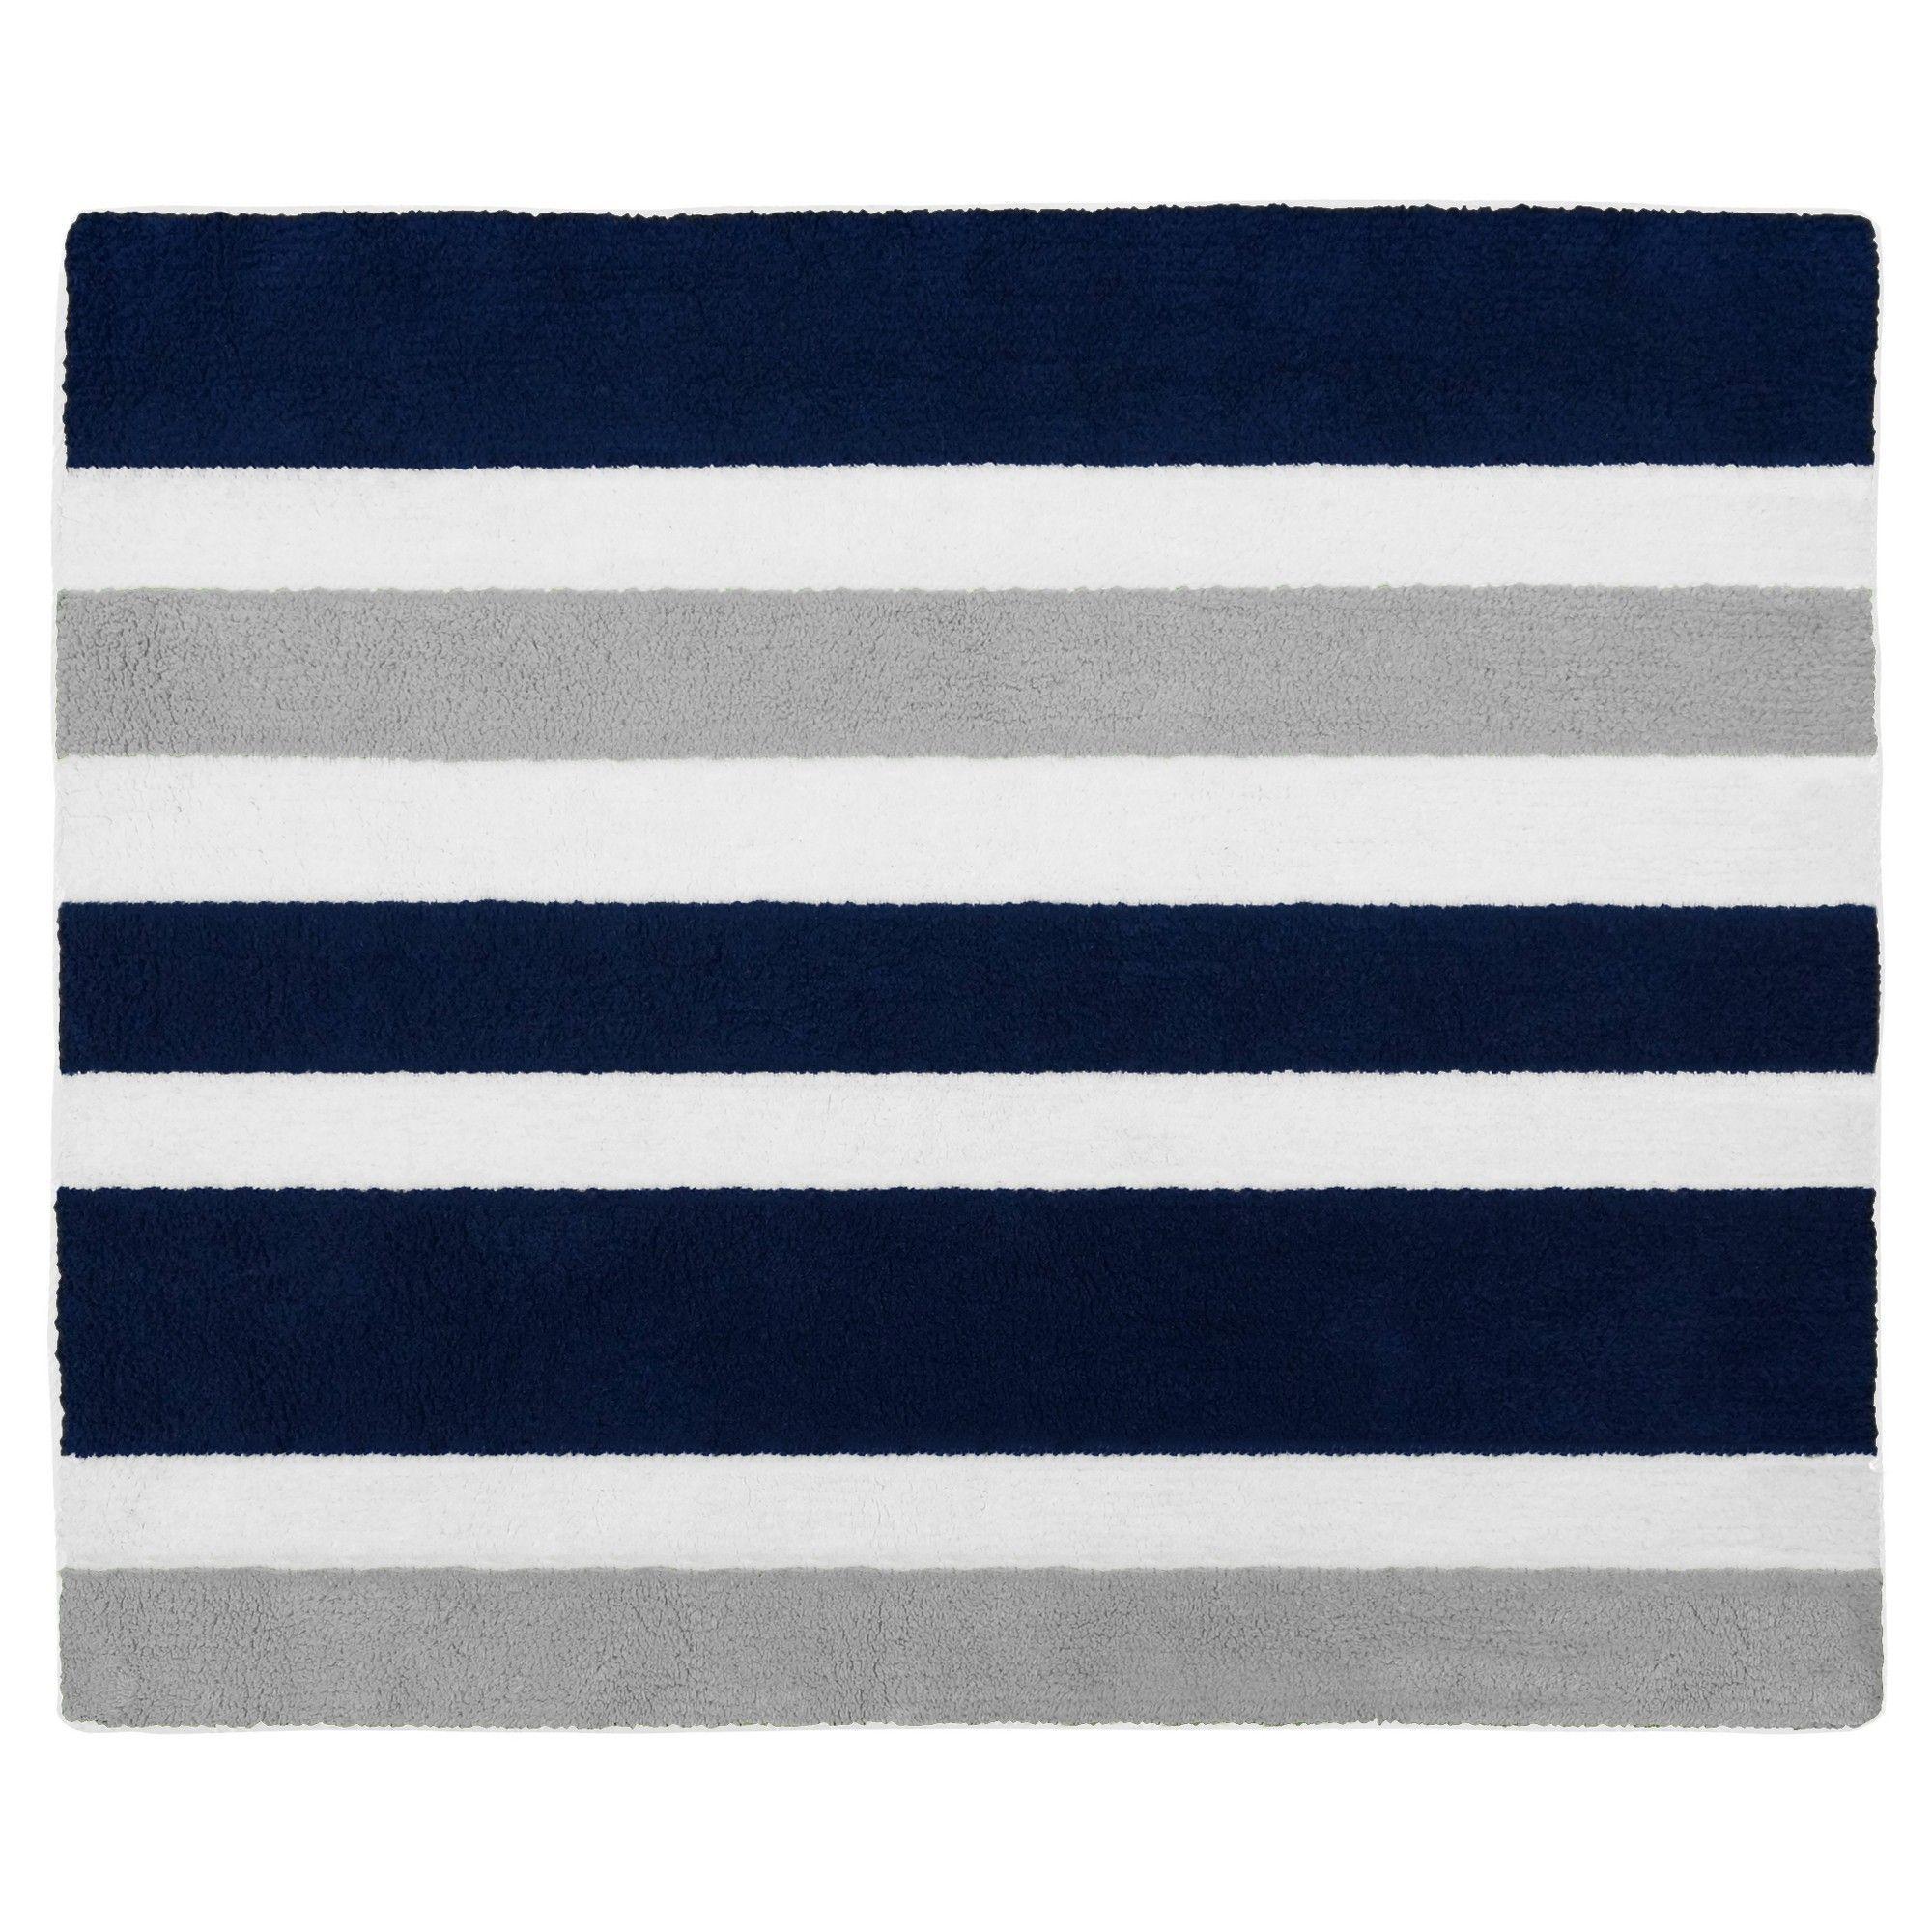 Navy Gray Stripe Floor Rug 36 X36 Sweet Jojo Designs Blue Gray Area Rug Blue Gray Bedroom Jojo Designs